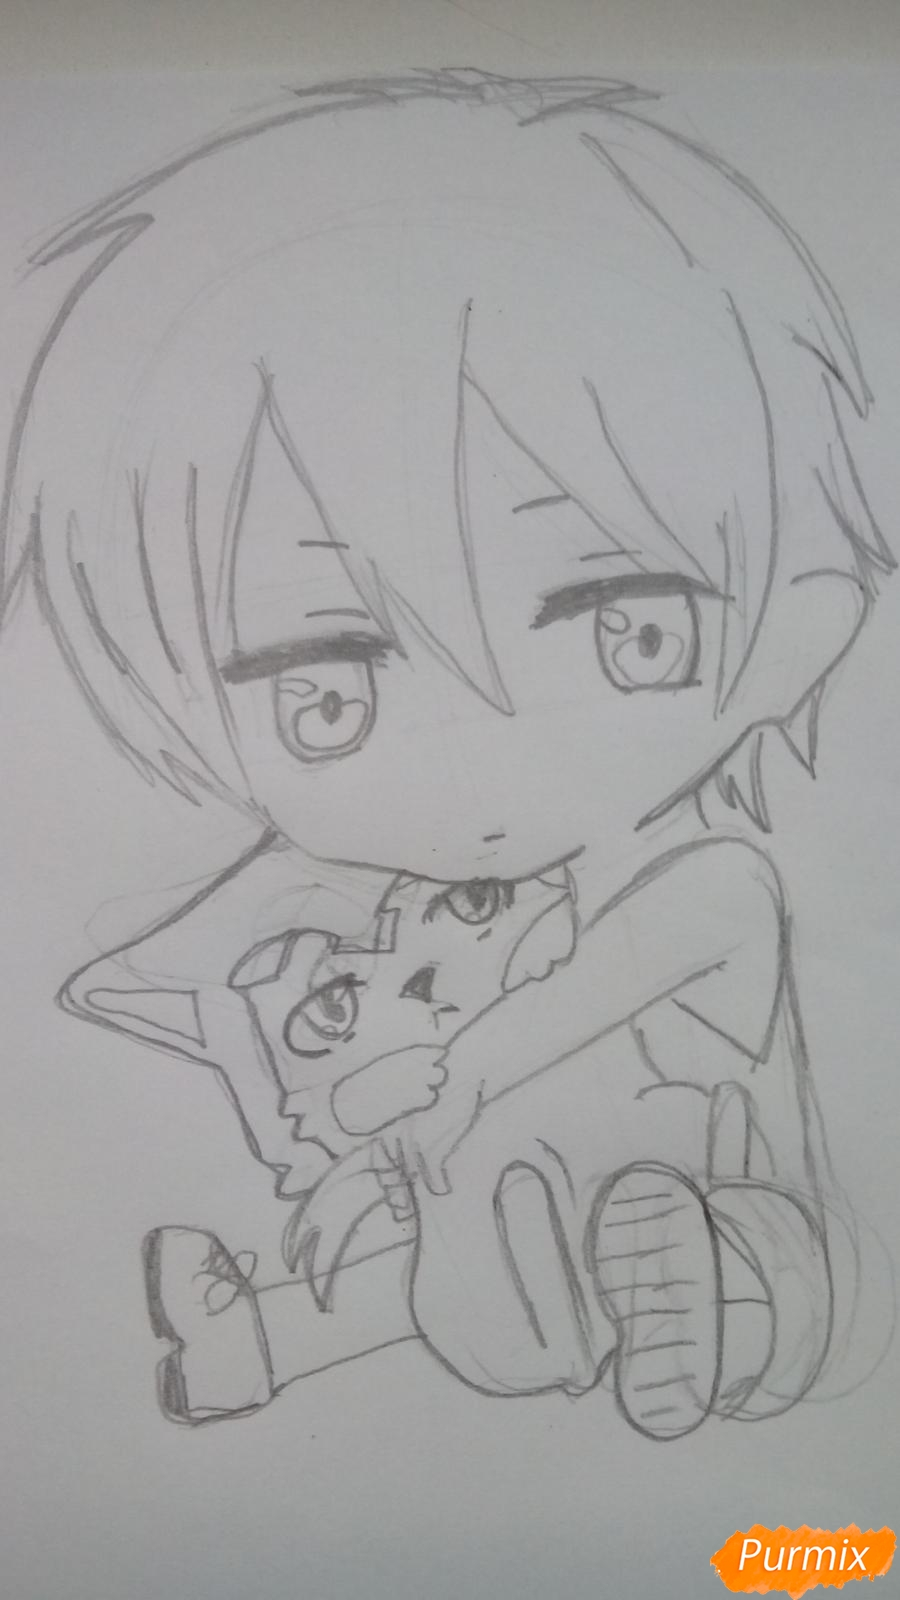 Рисуем чиби Куроко карандашами - шаг 3